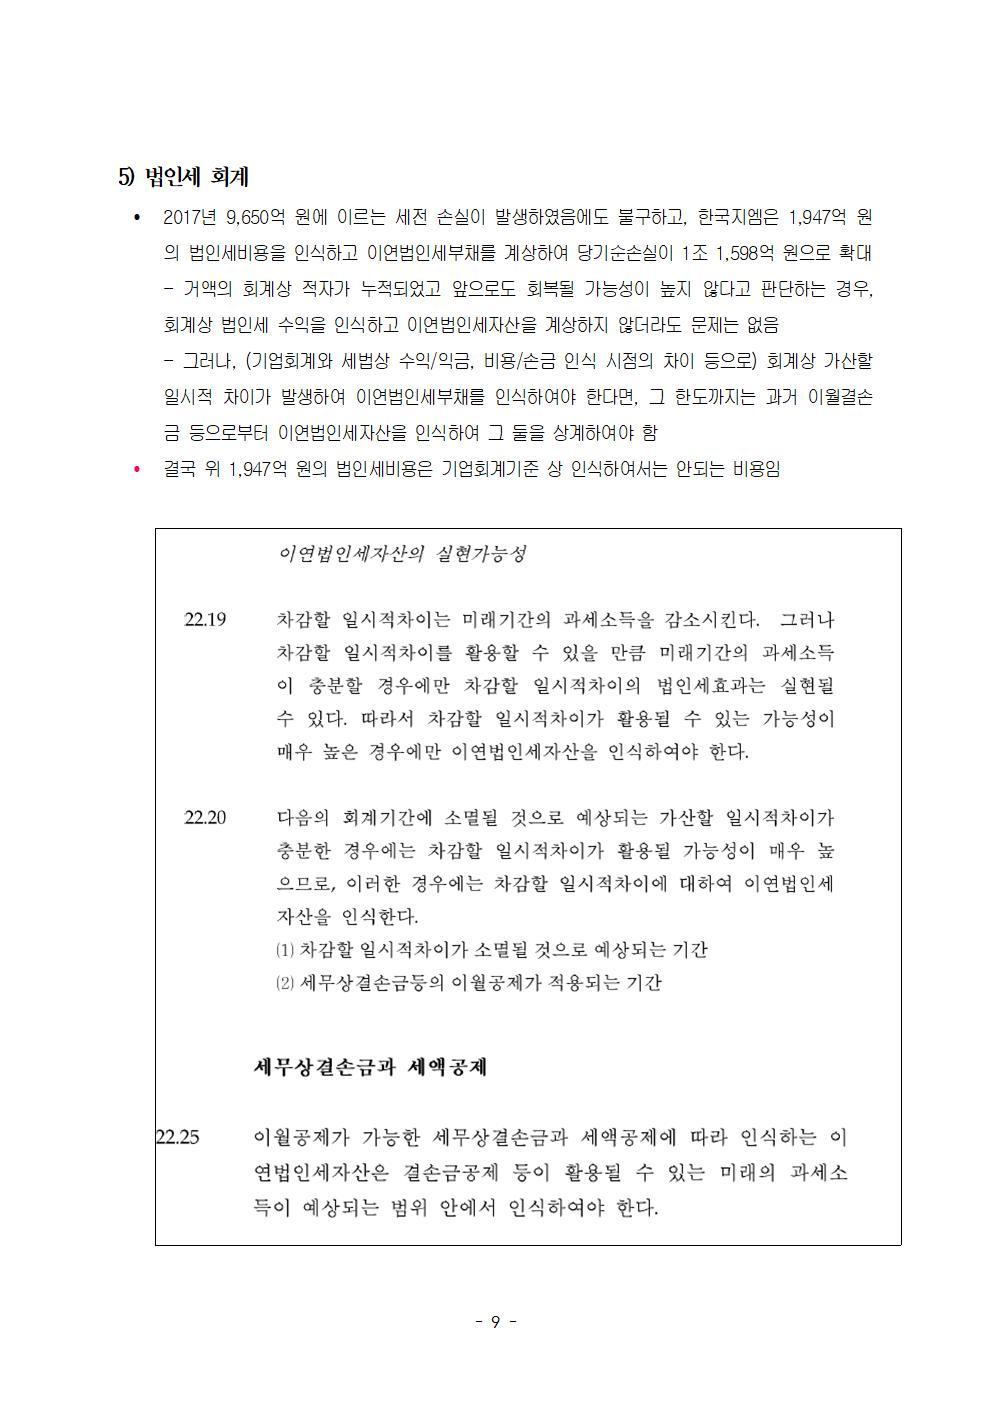 한국지엠범국민실사단009.jpg